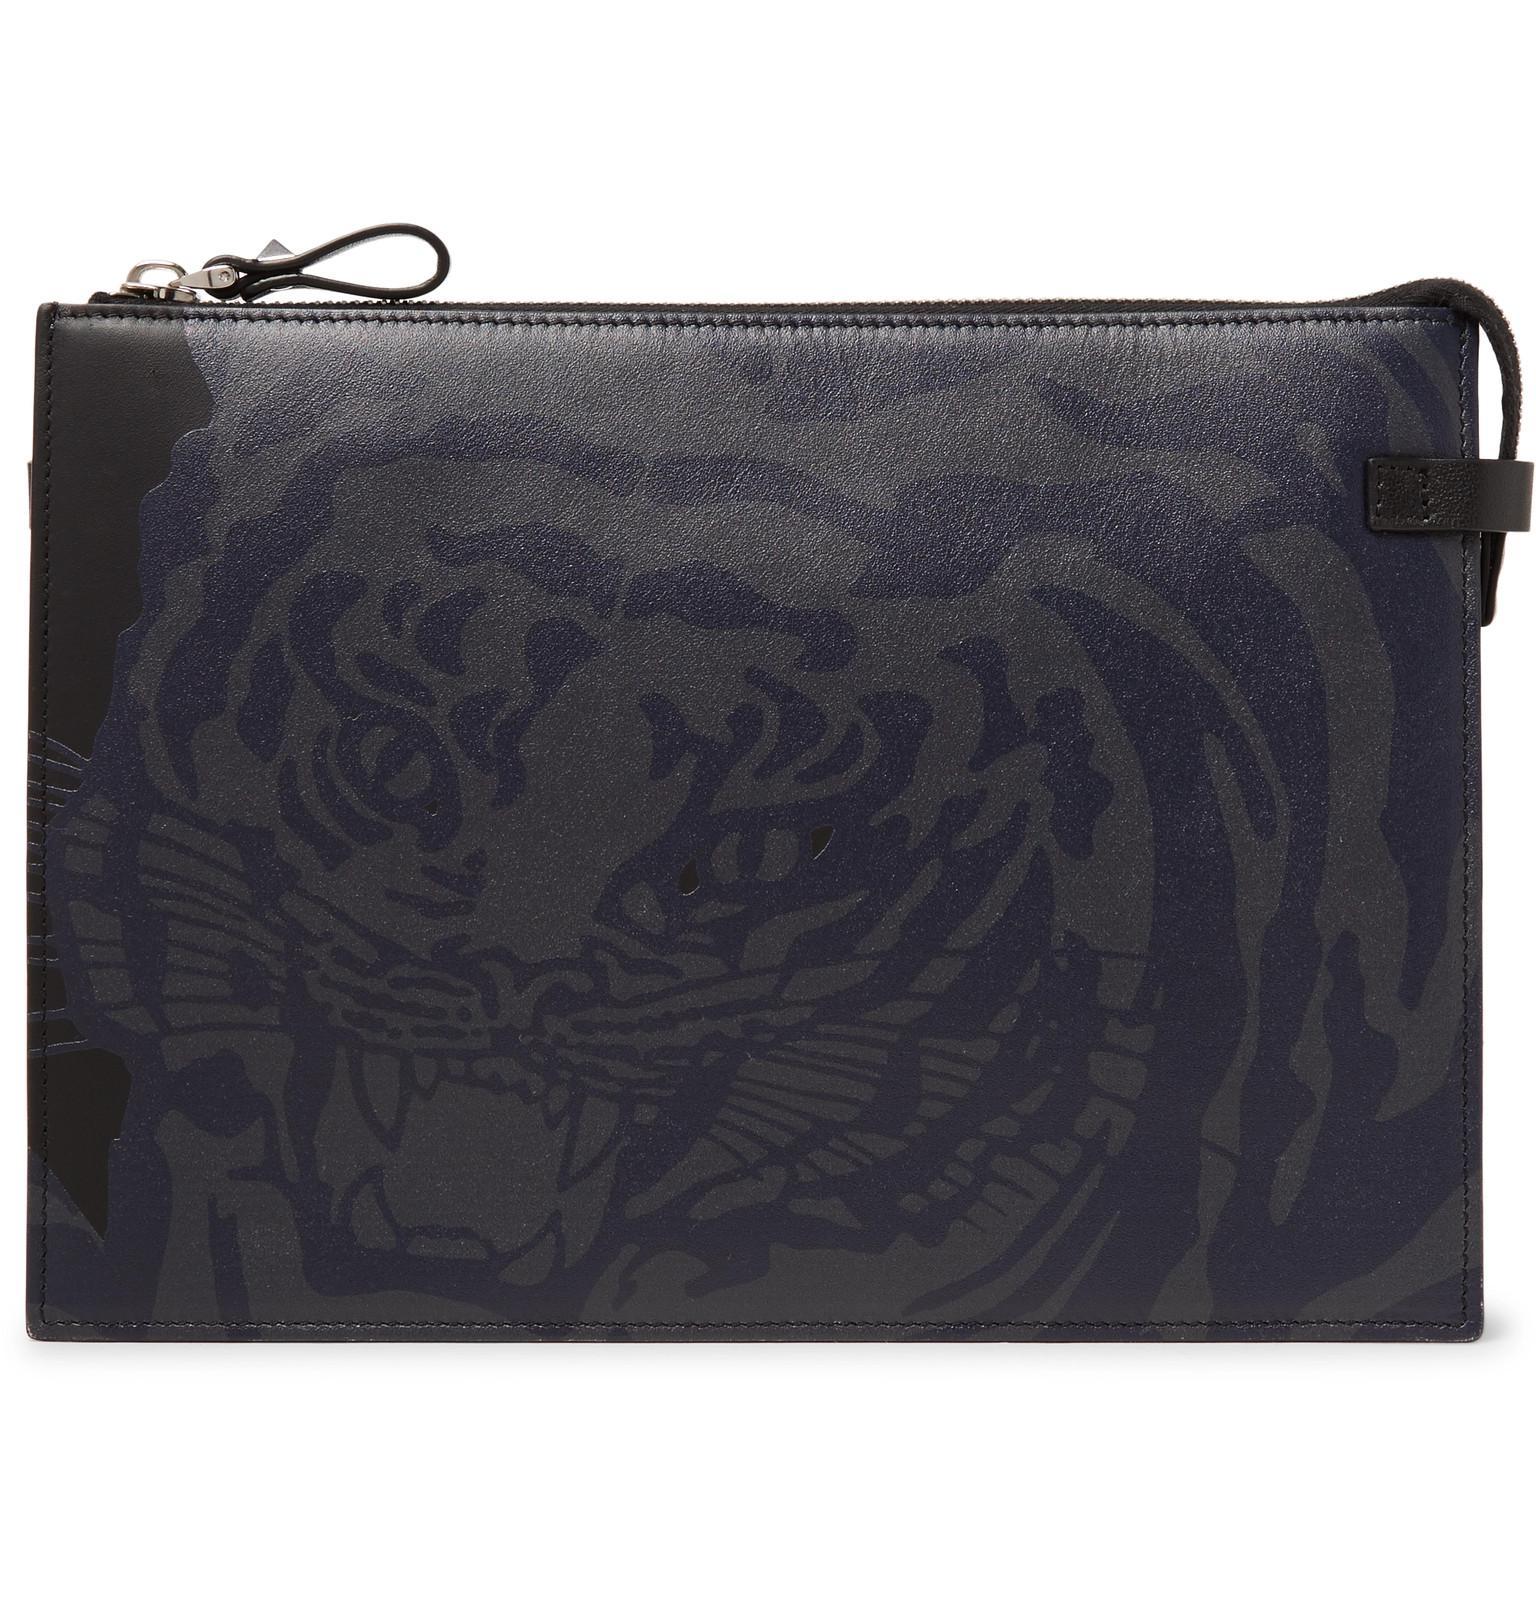 3e7b758a8b Valentino Garavani Tiger-print Leather Pouch in Black for Men - Lyst